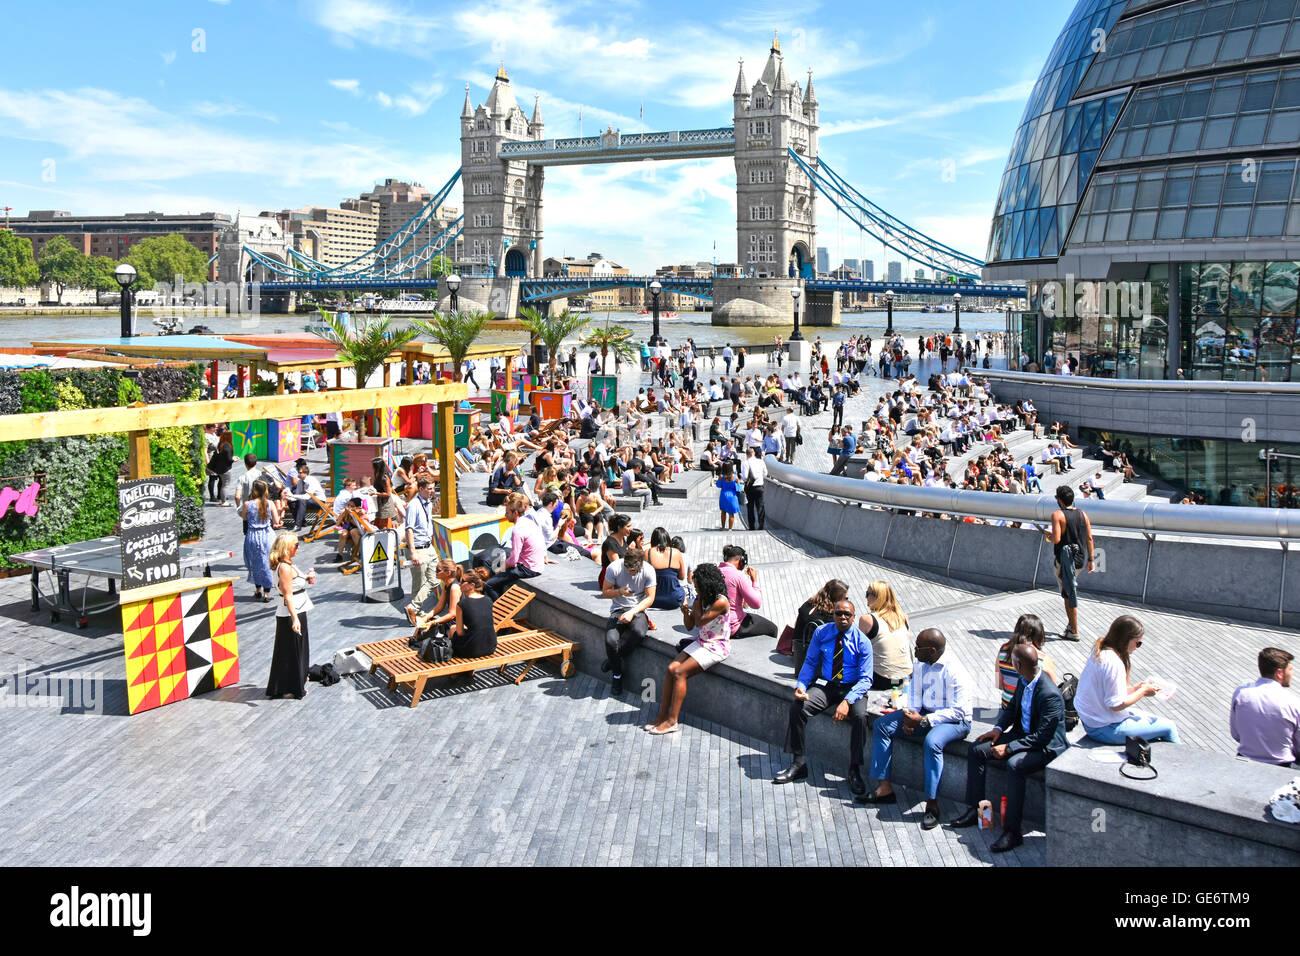 Heißer Tag für Büroangestellte & Touristen im Sommer Getränke & Essensstände rund Stockbild